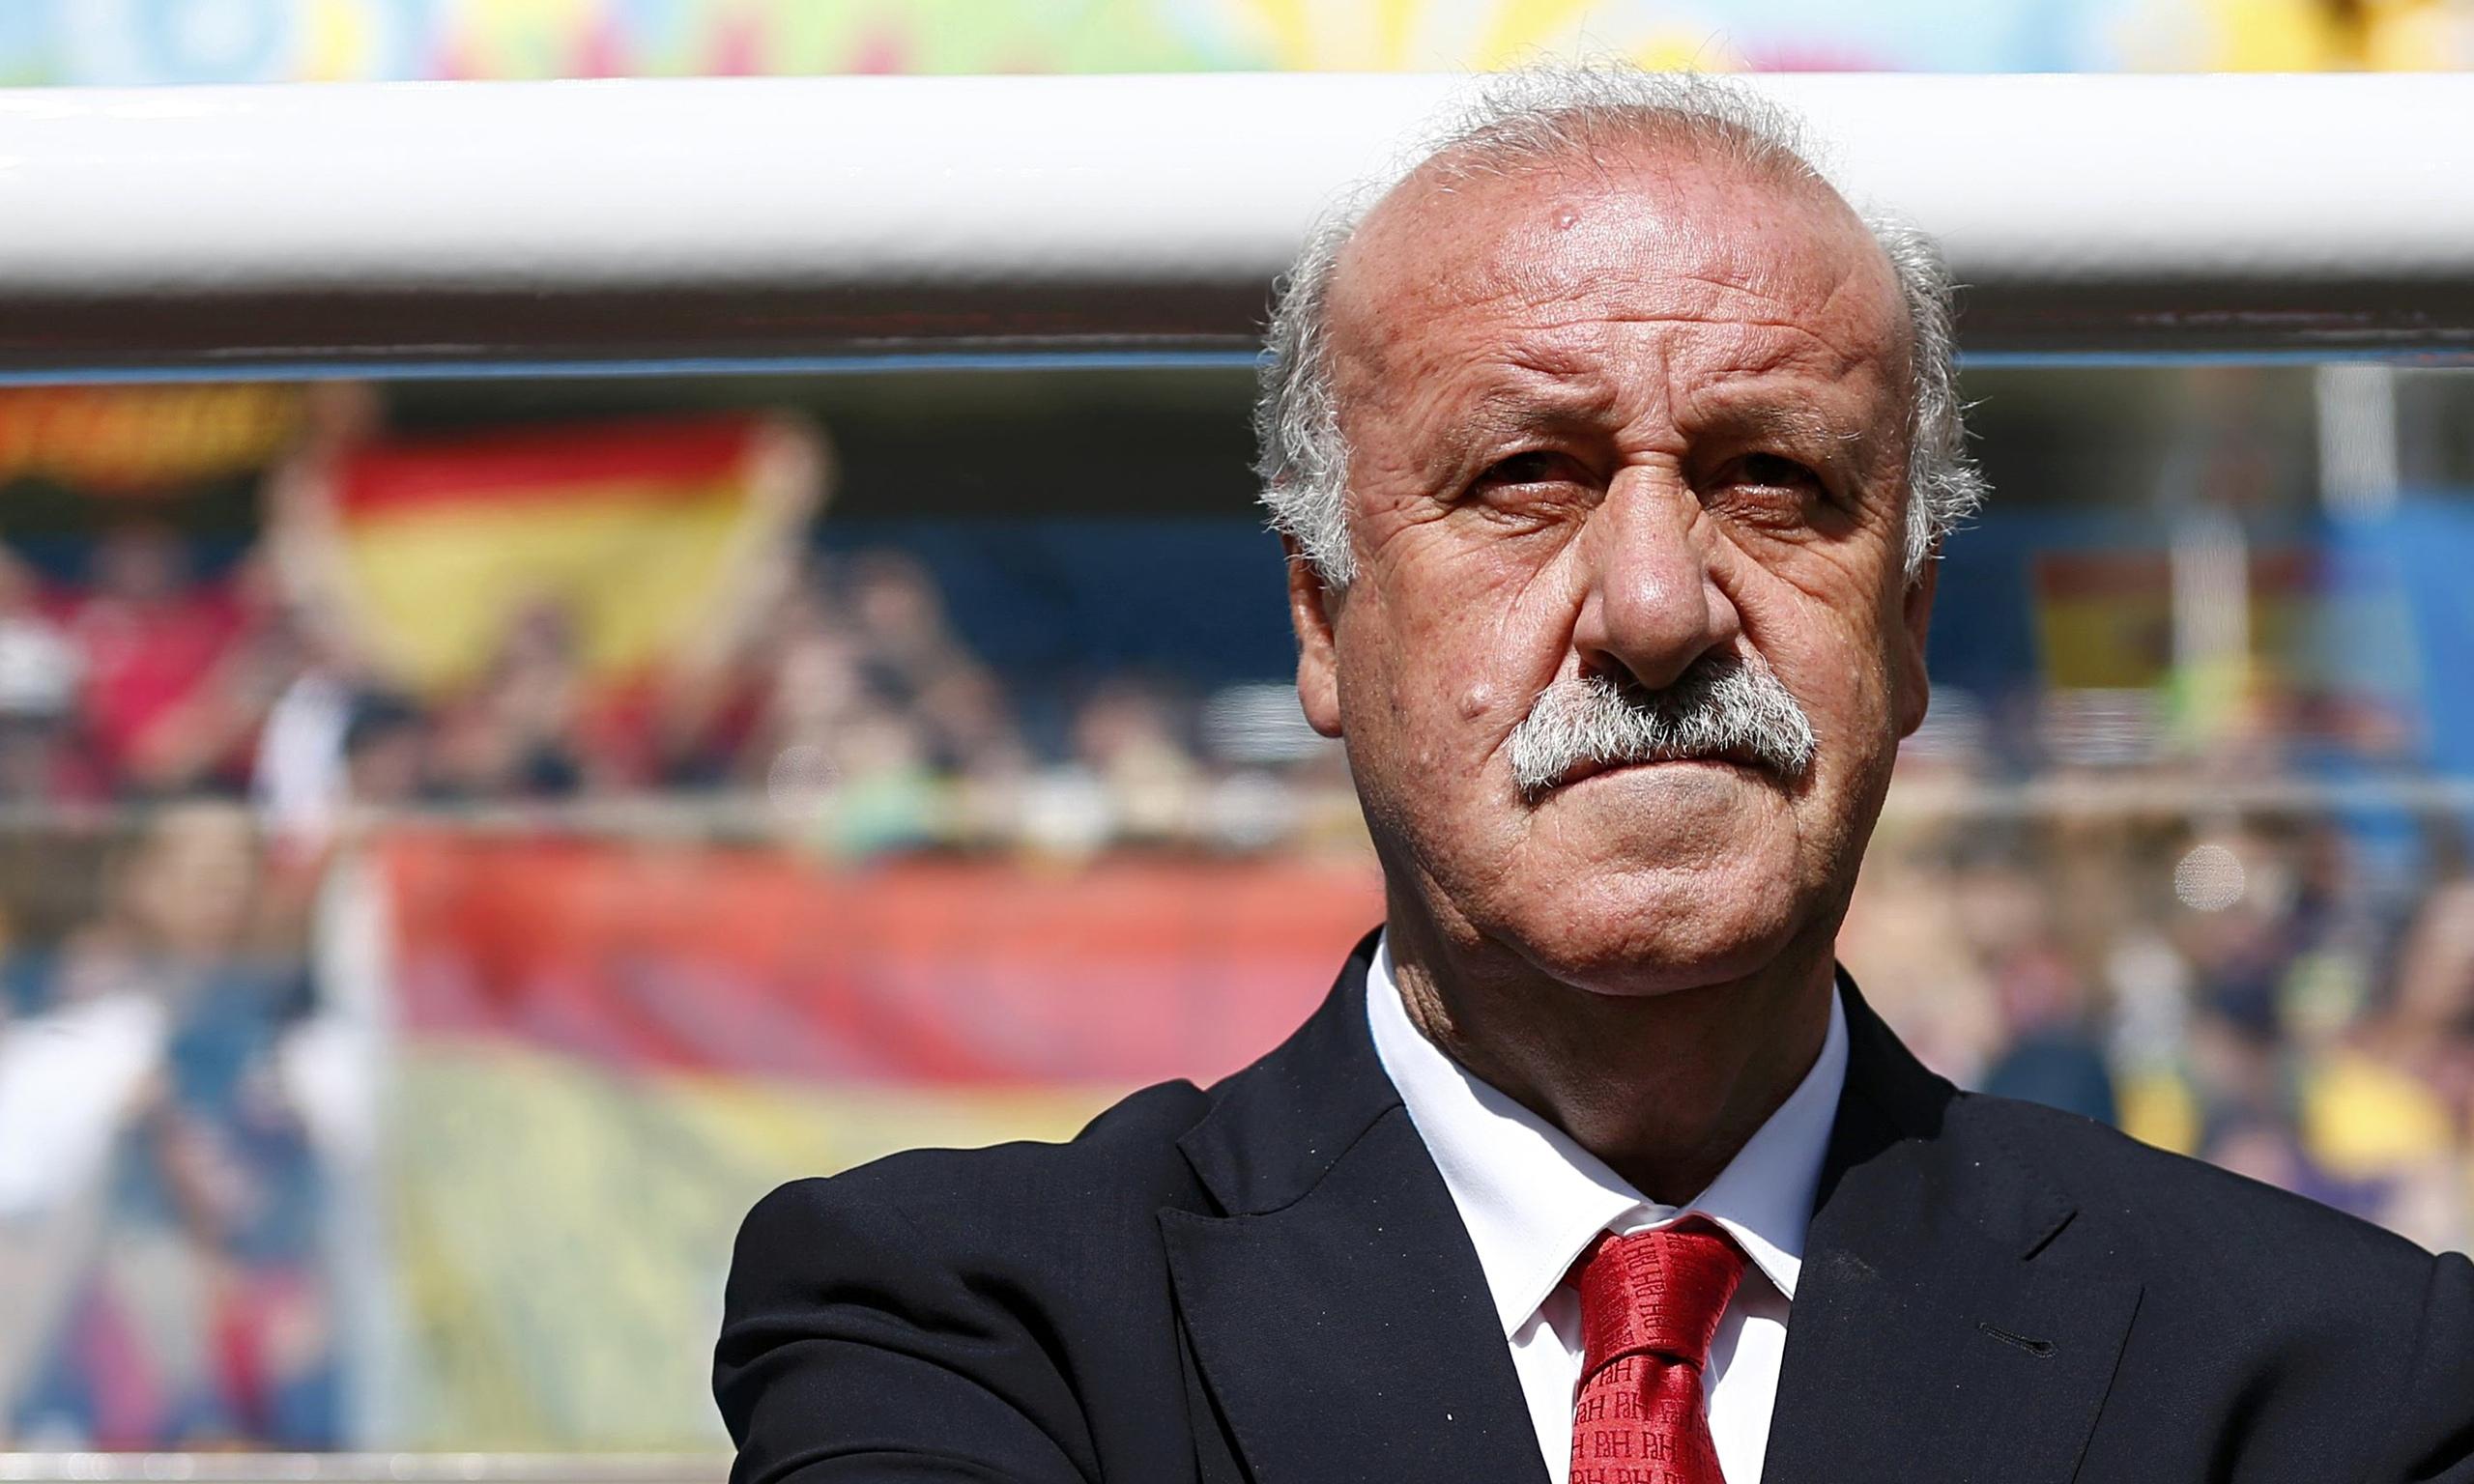 Juve-Napoli, parla Del Bosque: «Bianconeri solidi ed esperti, Higuain sta mantenendo le promesse della giovinezza»